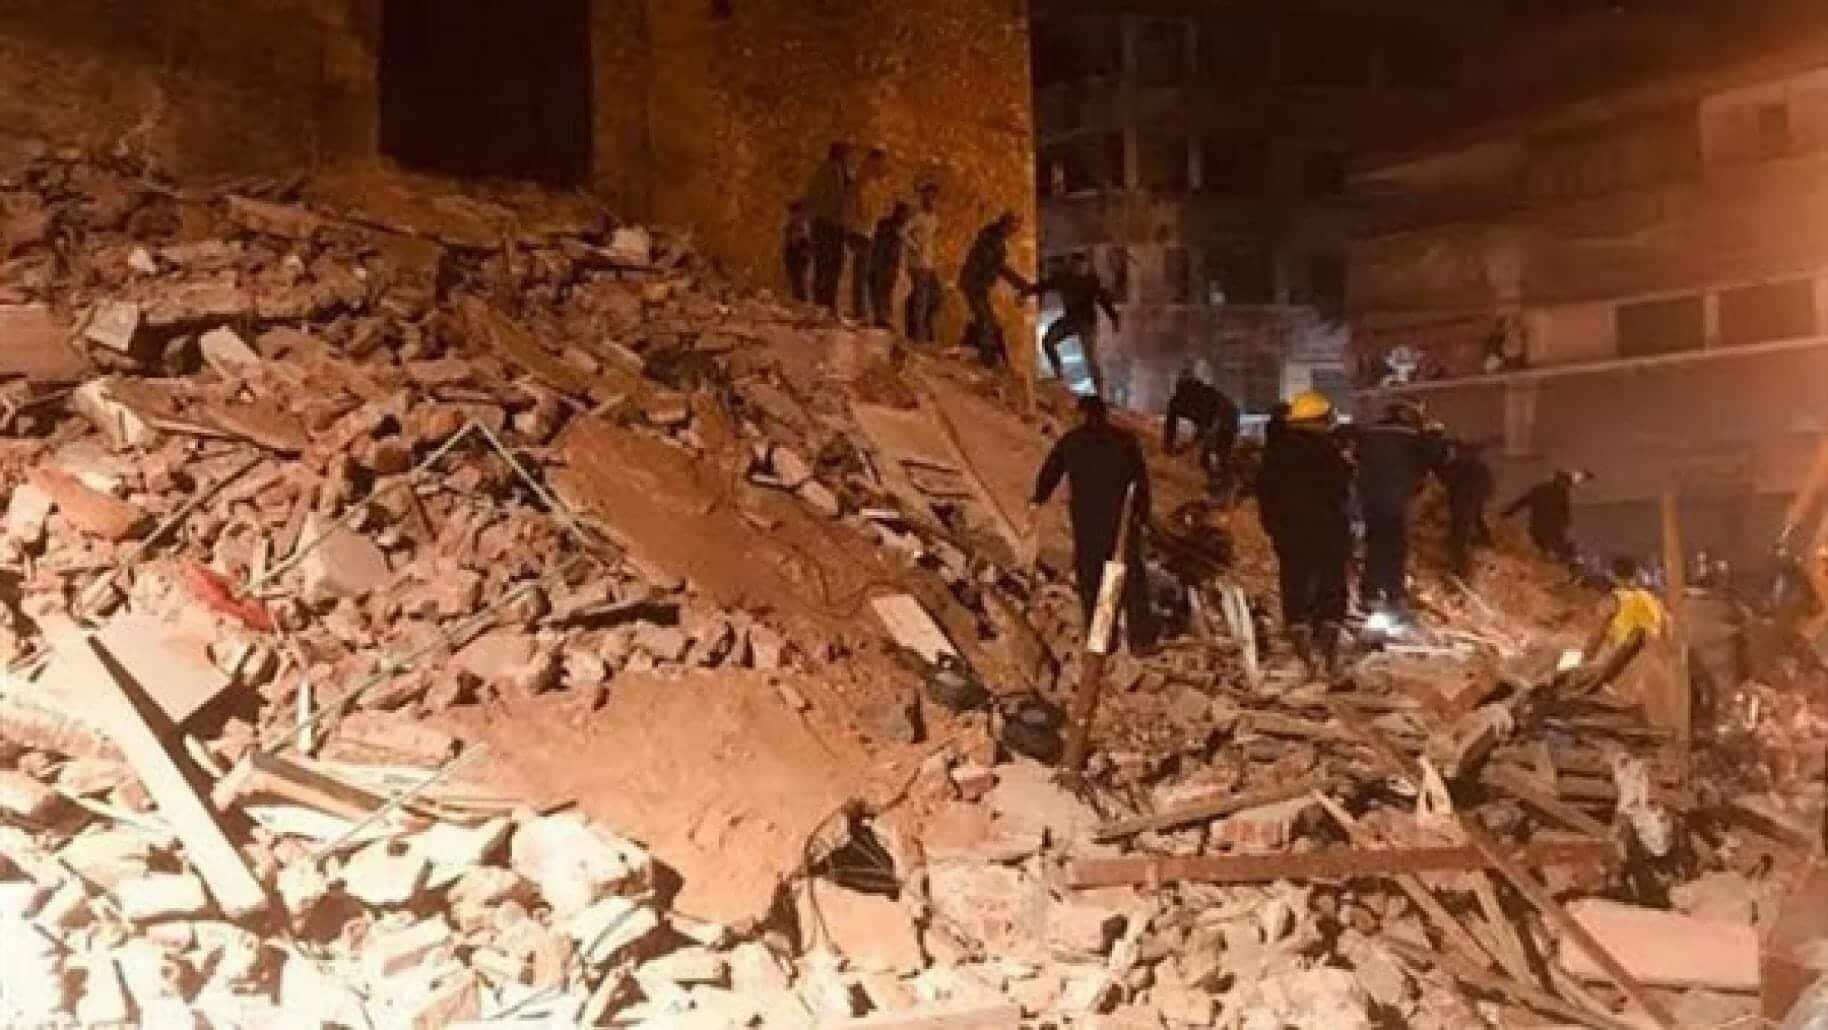 فاجعة جديدة في مصر.. انهيار مبنى سكني من 10 طوابق على قاطنيه وهم نيام